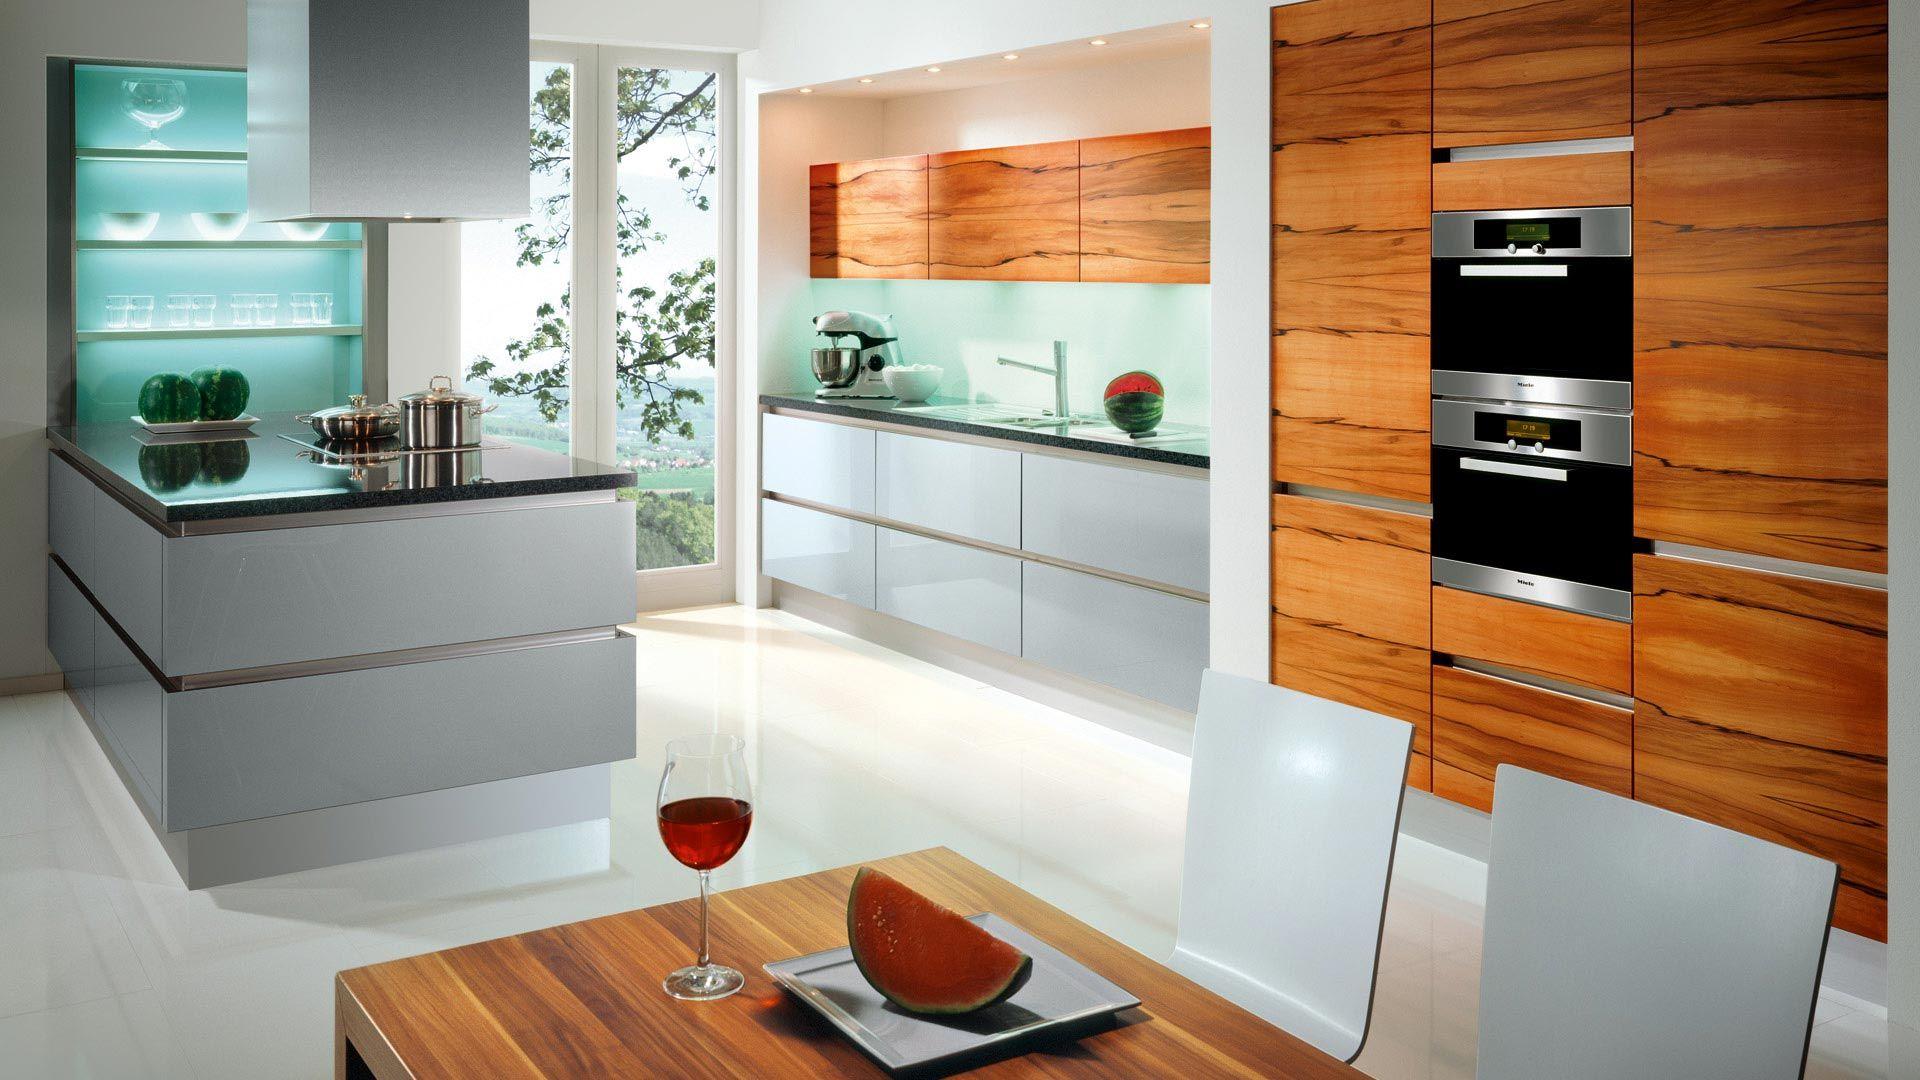 Sachsenküchen sachsenküchen küchenauswahl keuken